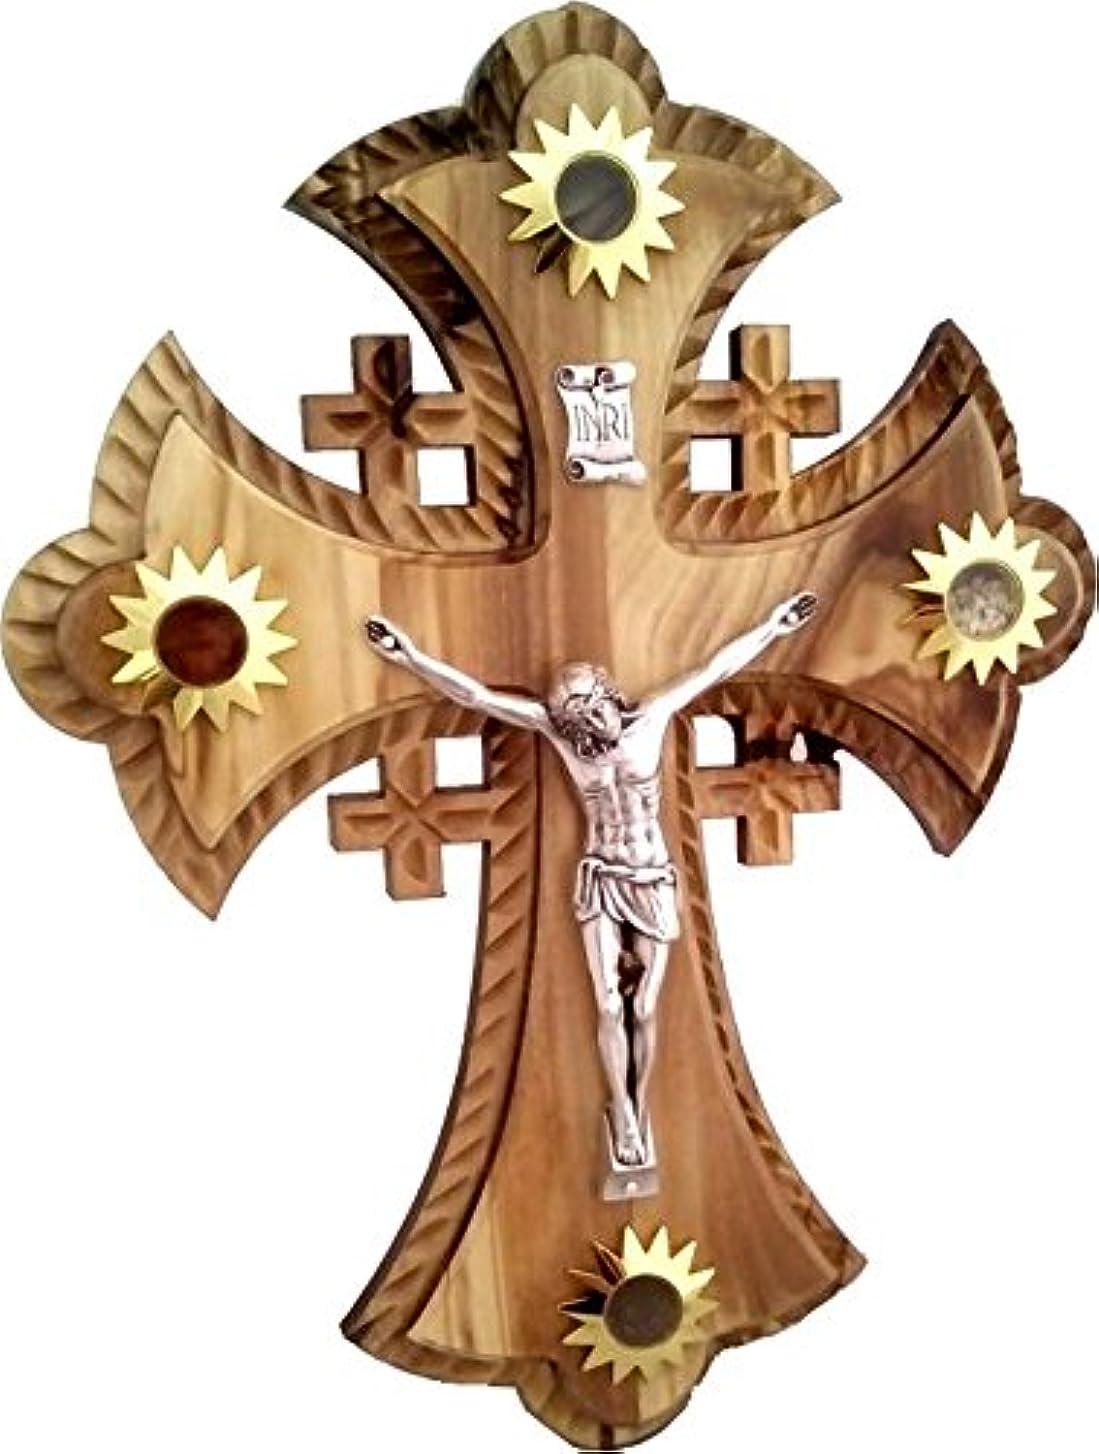 刺す課す忠実に2層のOlivewood Crucifix With Holy Landサンプル – Essences